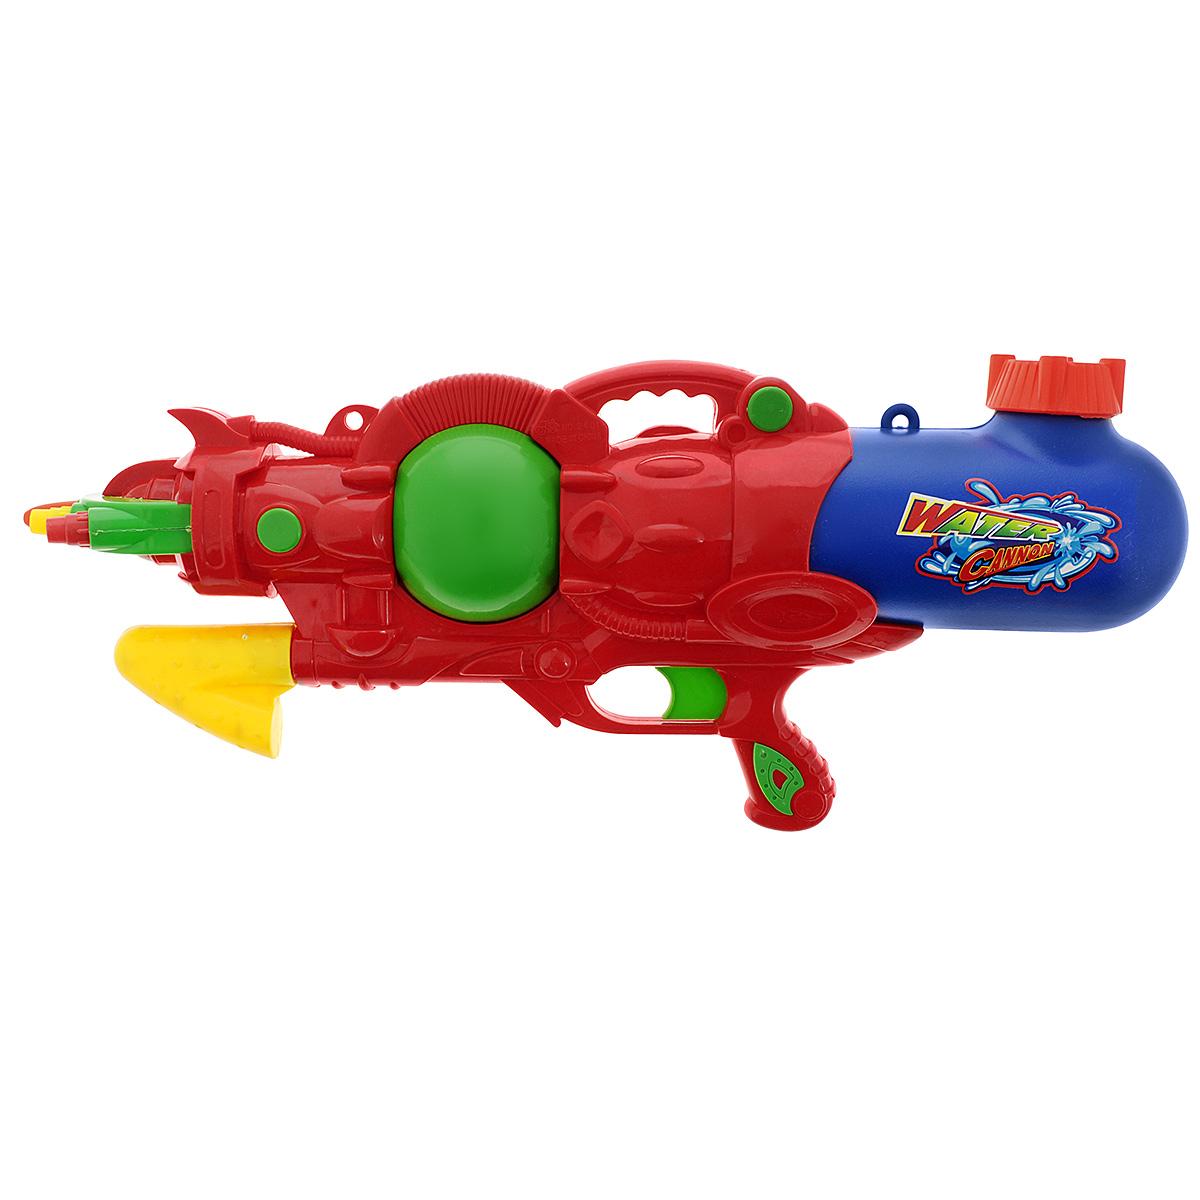 Водный бластер Bebelot Звездный потокBEB1106-105Водный бластер Bebelot Звездный поток станет отличным развлечением для детей в жаркую летнюю погоду. Бластер выполнен из прочного безопасного пластика ярких цветов и невероятно прост в использовании. Заполните резервуар водой и начинайте стрелять! Бластер оснащен шестью дулами. При нажатии на курок бластер выстреливает сразу несколькими струйками воды. Резервуар с водой закрывается на пластиковую завинчивающуюся крышку, исключающую проливание жидкости. Такая игрушка не только порадует малыша, но и поможет ему совершенствовать мелкую и крупную моторику, а также координацию движений. С водным бластером ваш малыш сможет устроить настоящее водное сражение! Водный бластер Bebelot Звездный поток станет отличным развлечением для детей в жаркую летнюю погоду. Бластер выполнен из прочного безопасного пластика ярких цветов и невероятно прост в использовании. Заполните резервуар водой и начинайте стрелять! Бластер оснащен пятью стволами. При нажатии на курок бластер...